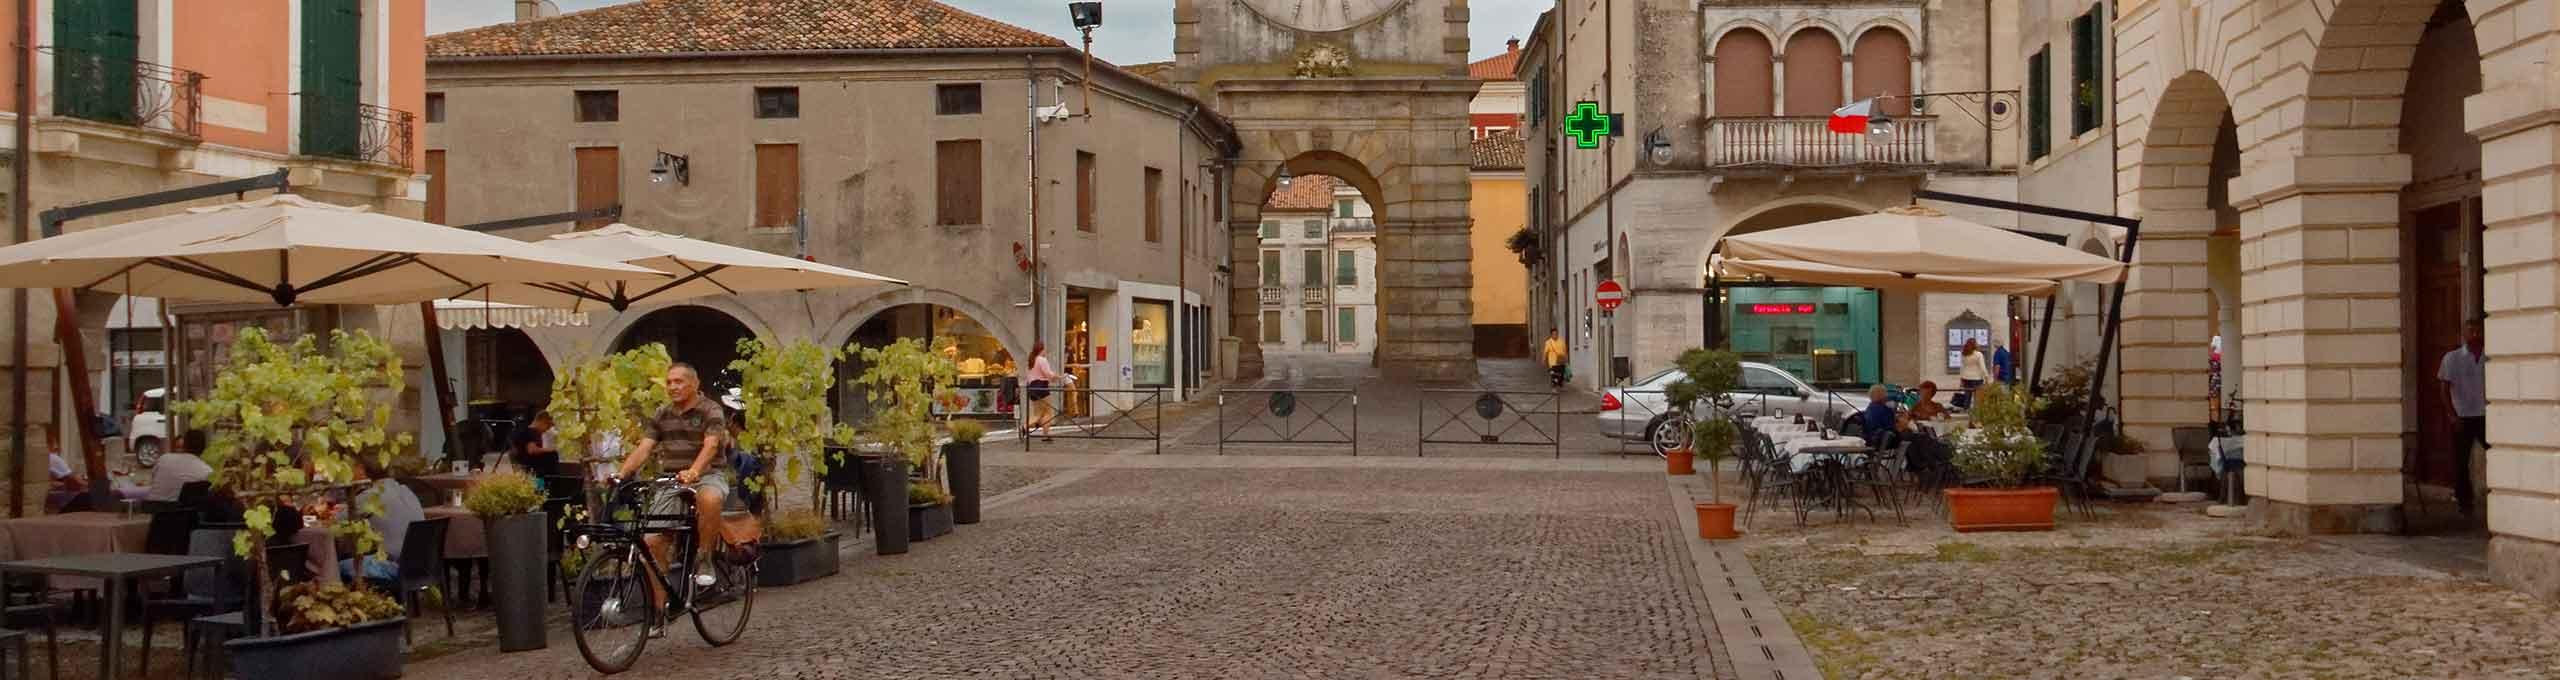 Torre con orologio  nel centro del paese